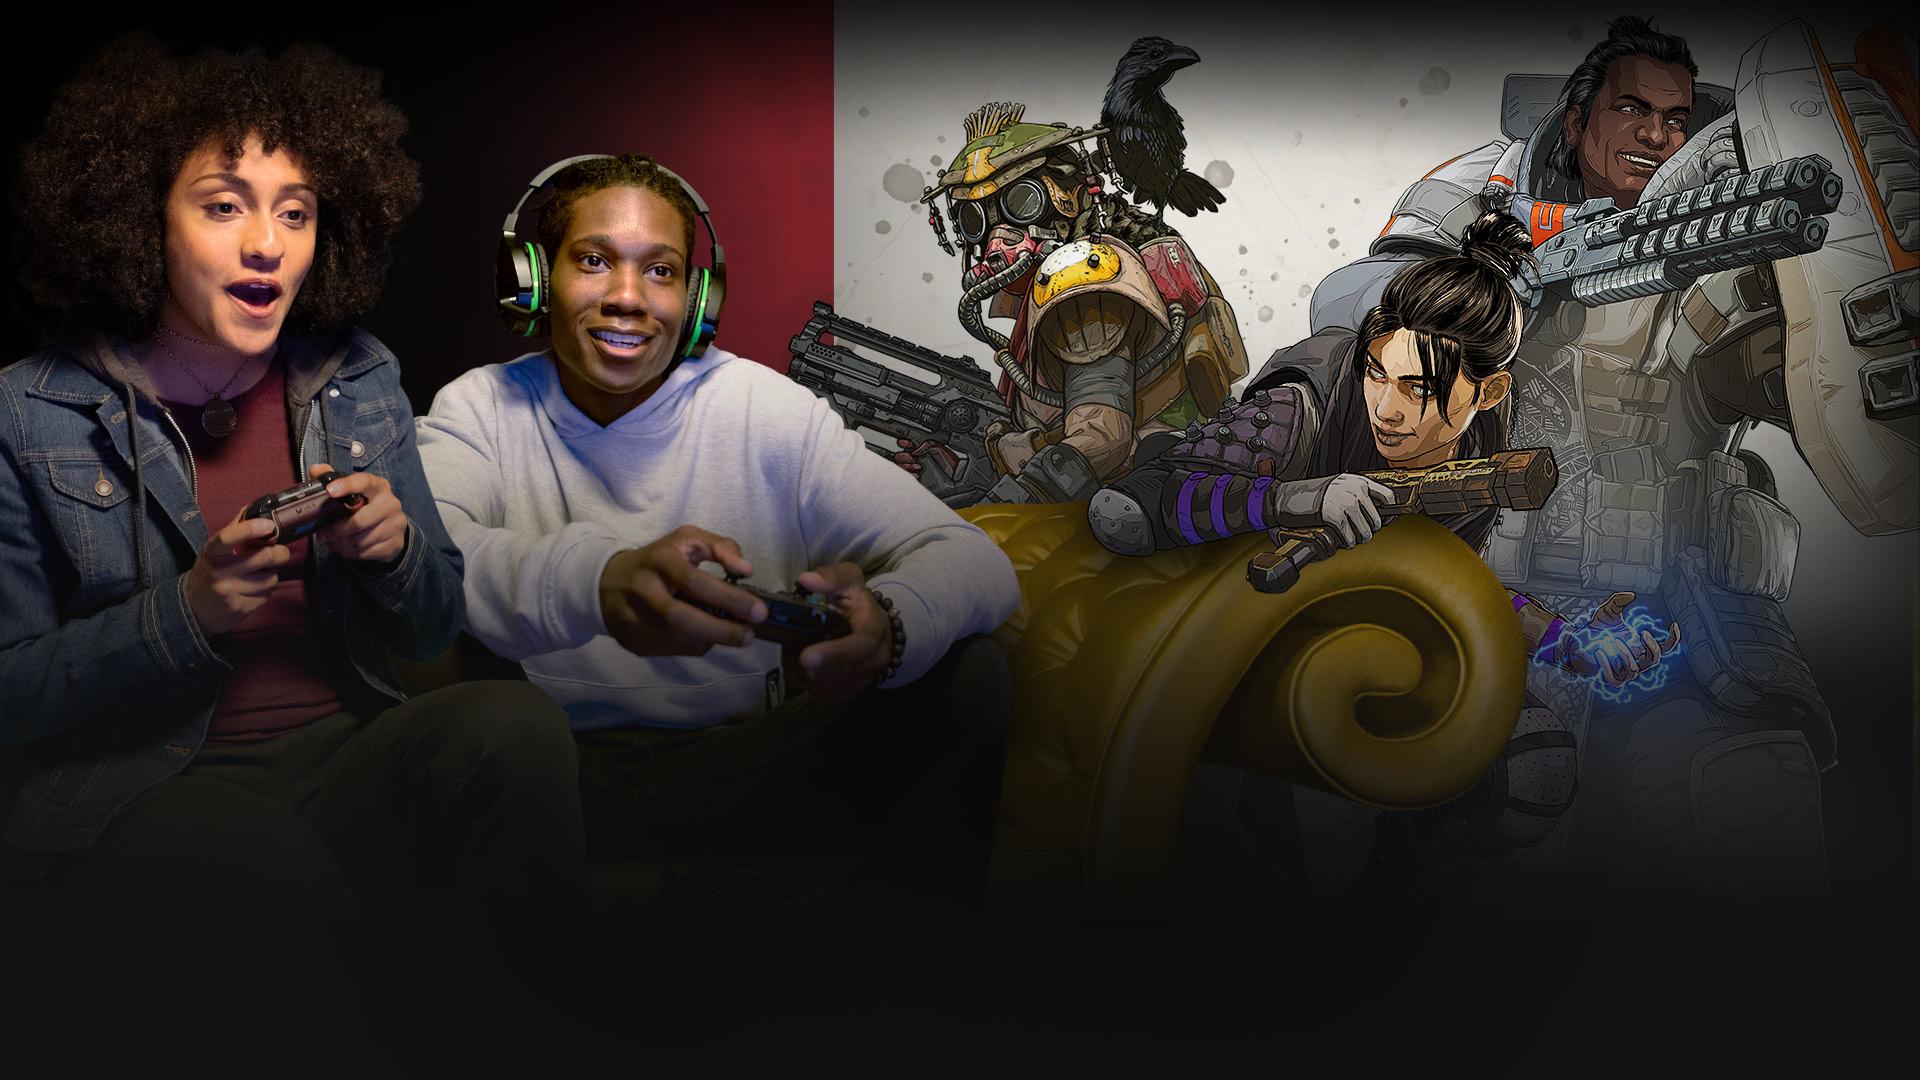 2人がXbox One のコントローラーを金色のソファにすわって握り、3人のApex Legends キャラクターを腕の近くに持っています